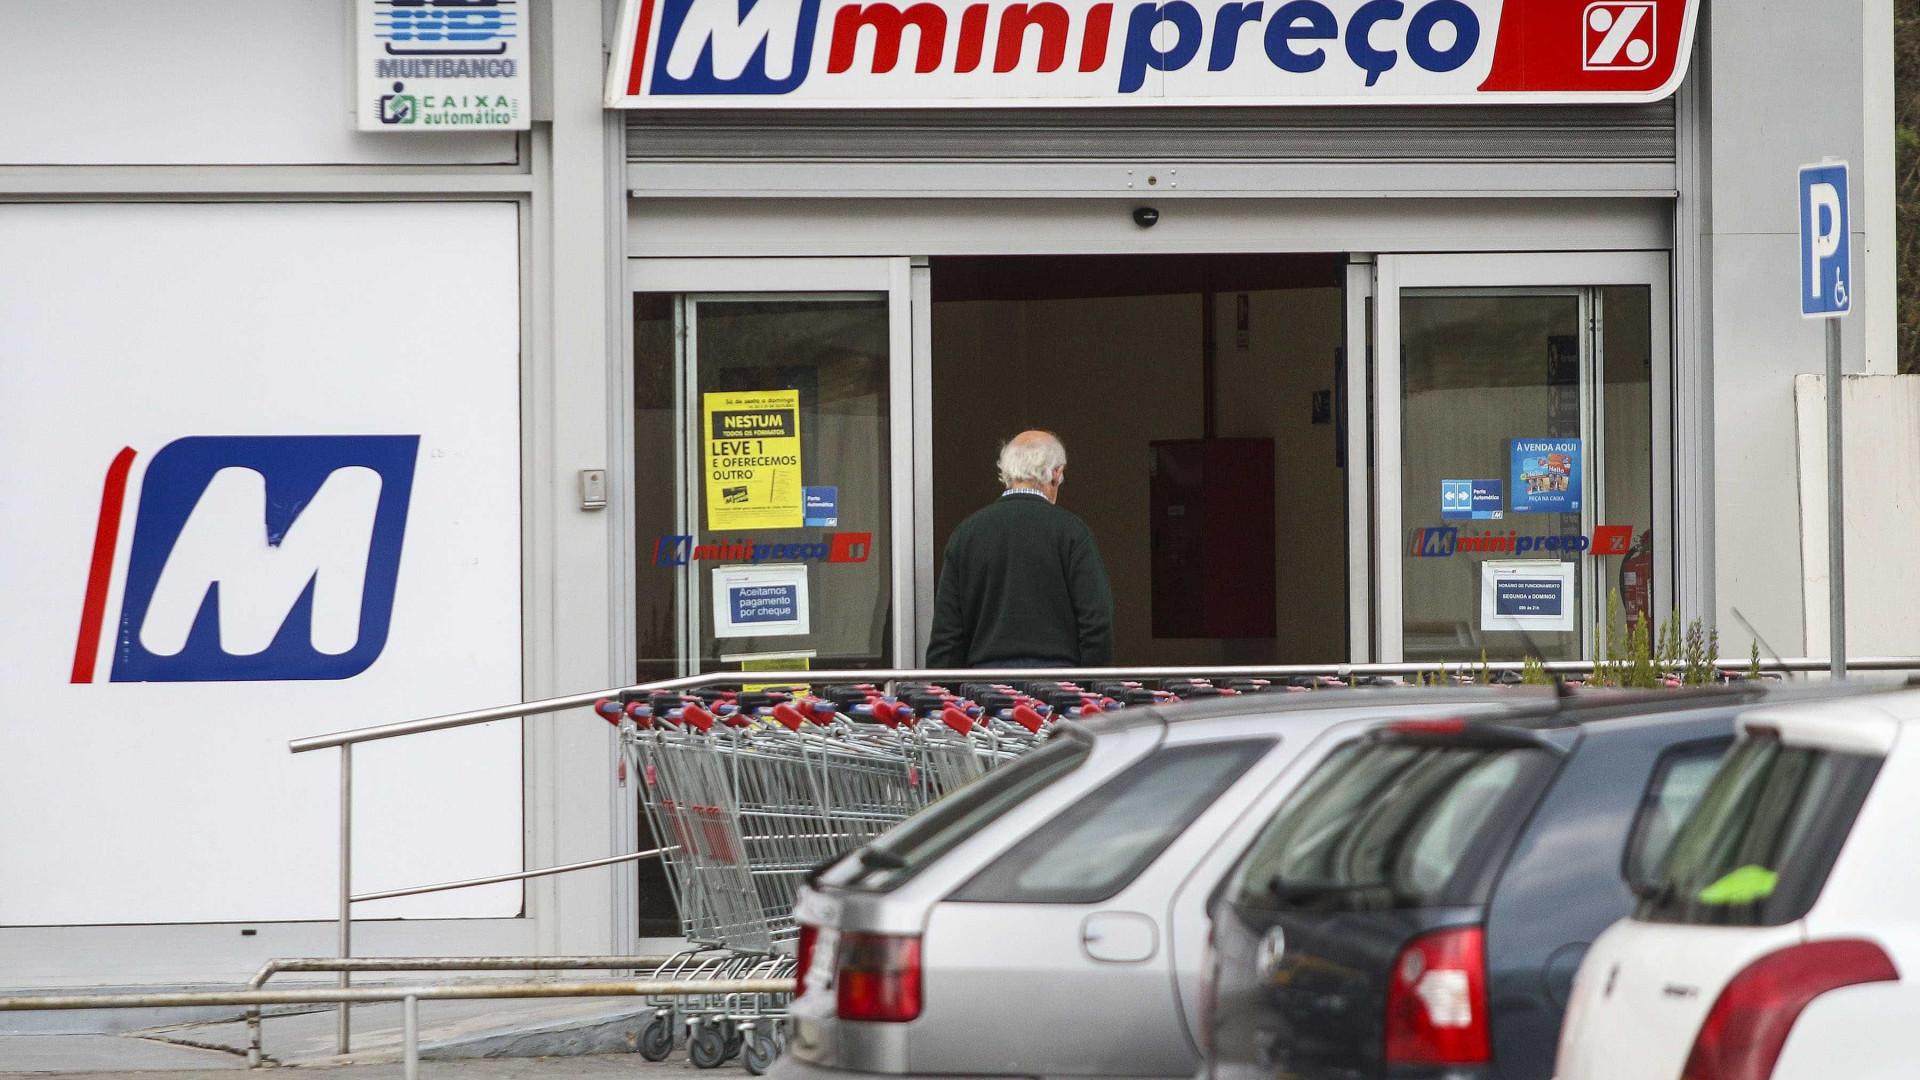 """CESP faz balanço """"muito positivo"""" de greve na Dia/Minipreço"""